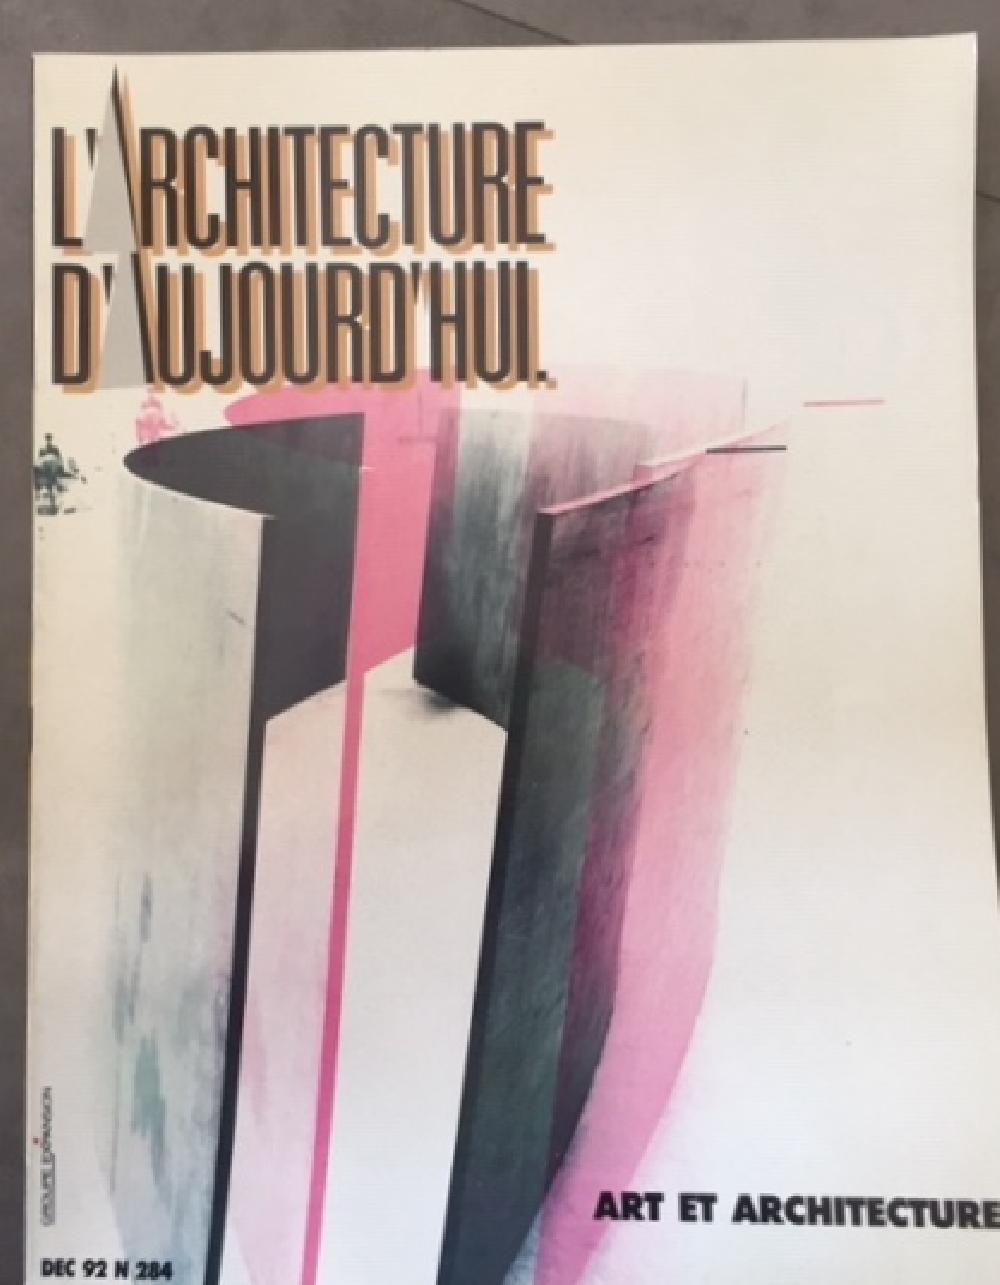 N°284 - Art et architecture